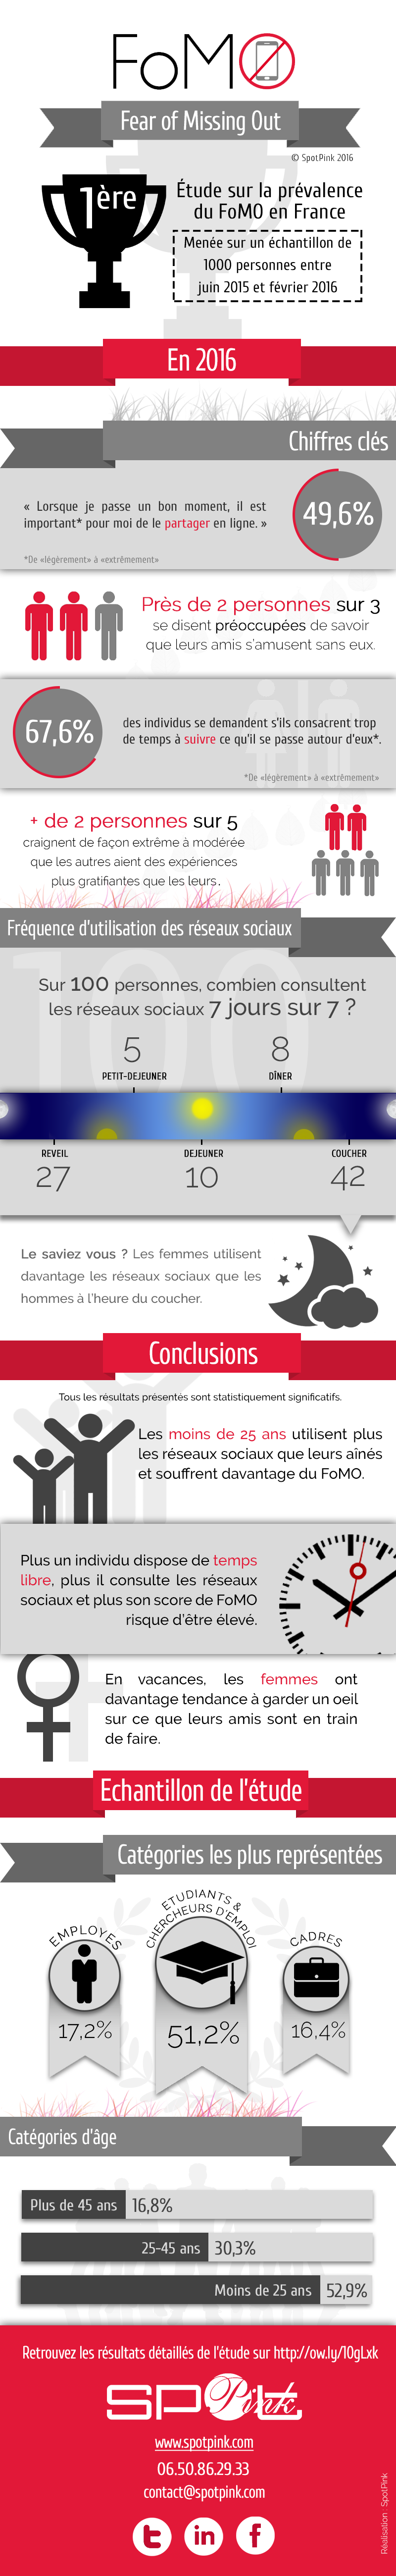 Infographie-FoMO